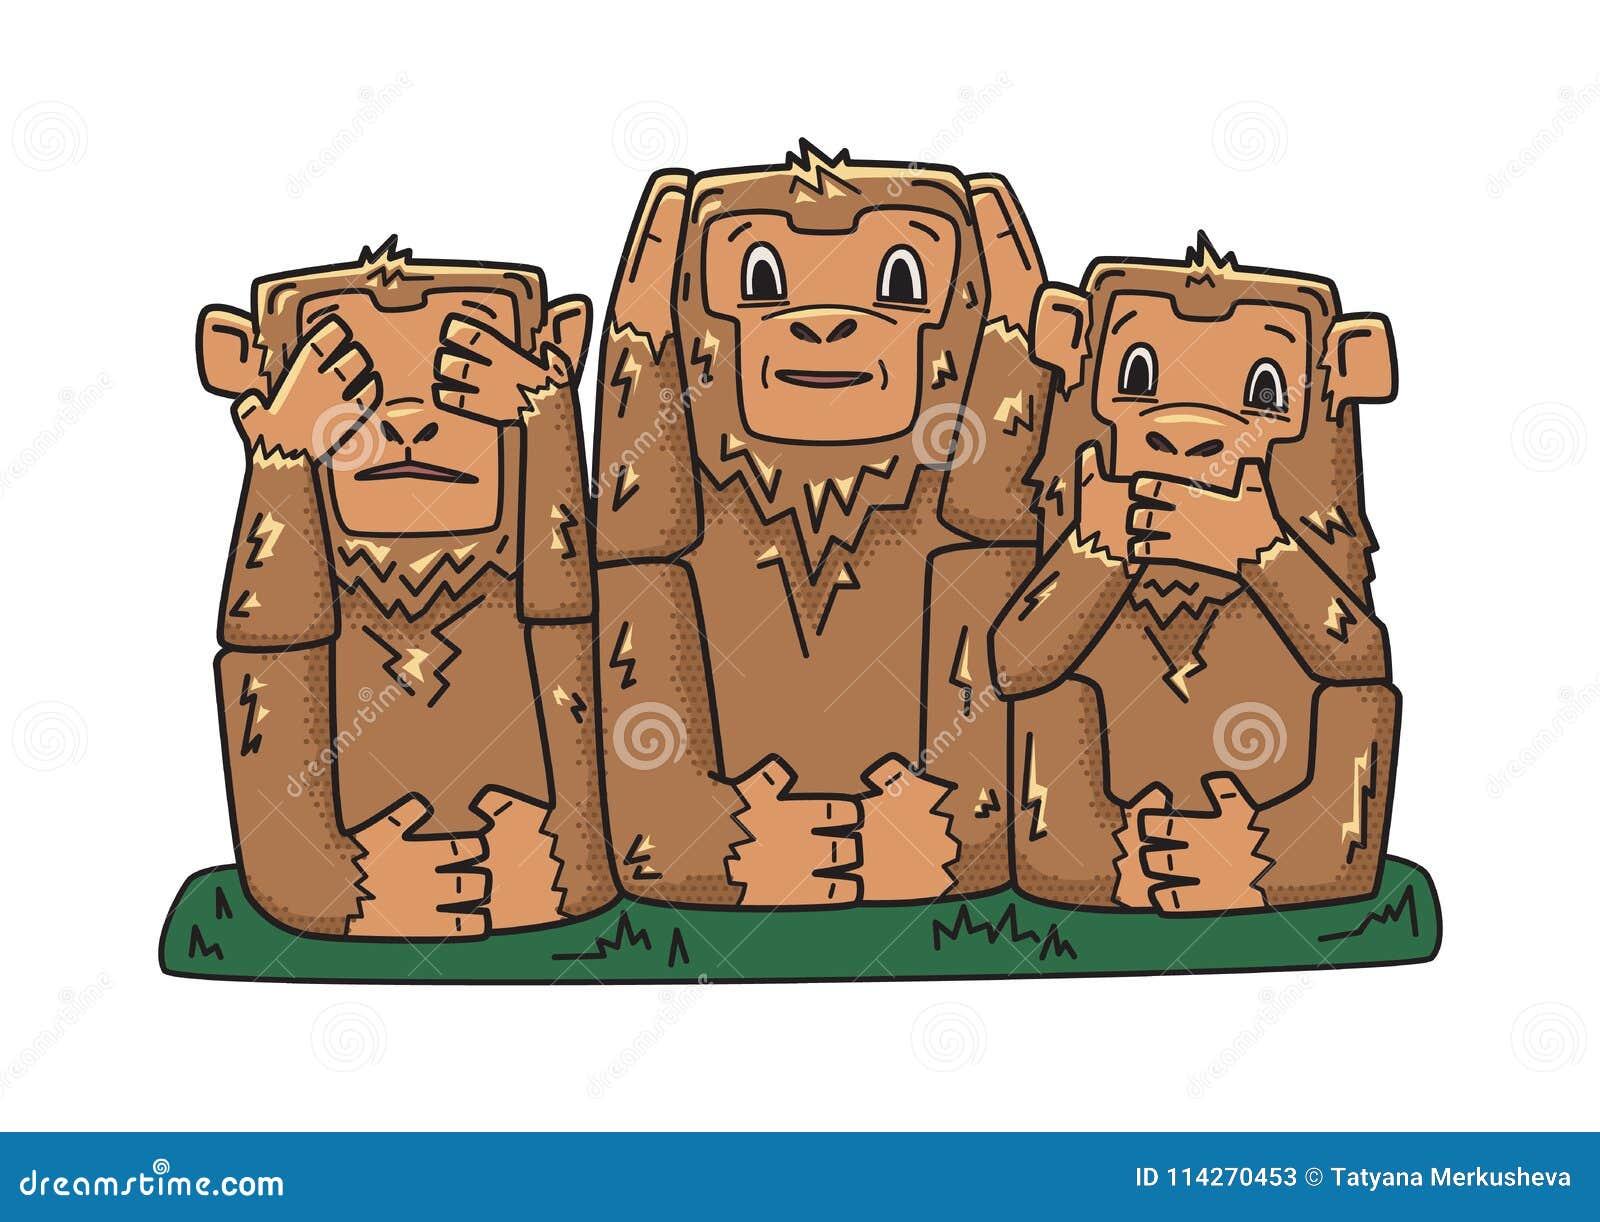 Kloka apor tre mystikerapor ondskan hör inget för att se för att tala Vektorteckenillustration som isoleras på